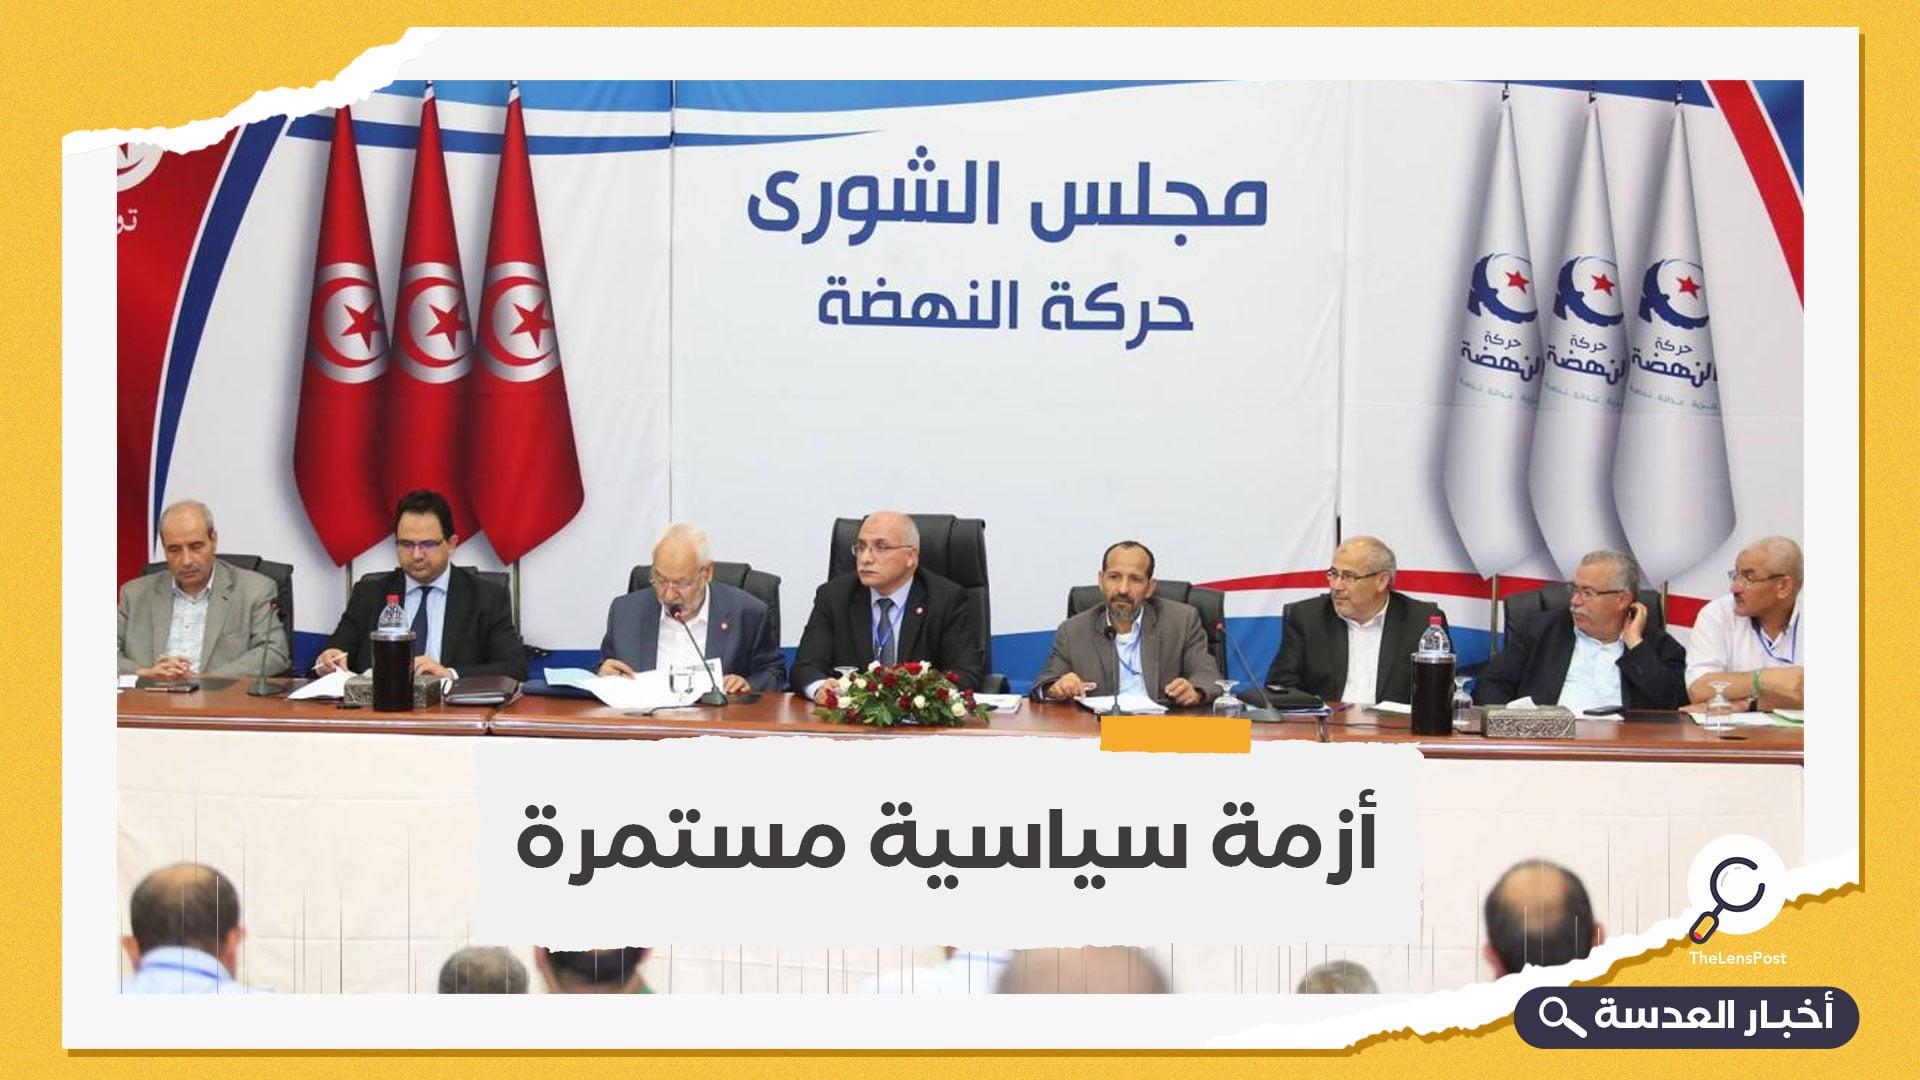 بالرغم من رفض الرئيس..النهضة التونسية تدعو إلى تمكين الوزراء الجدد من مباشرة مهامهم